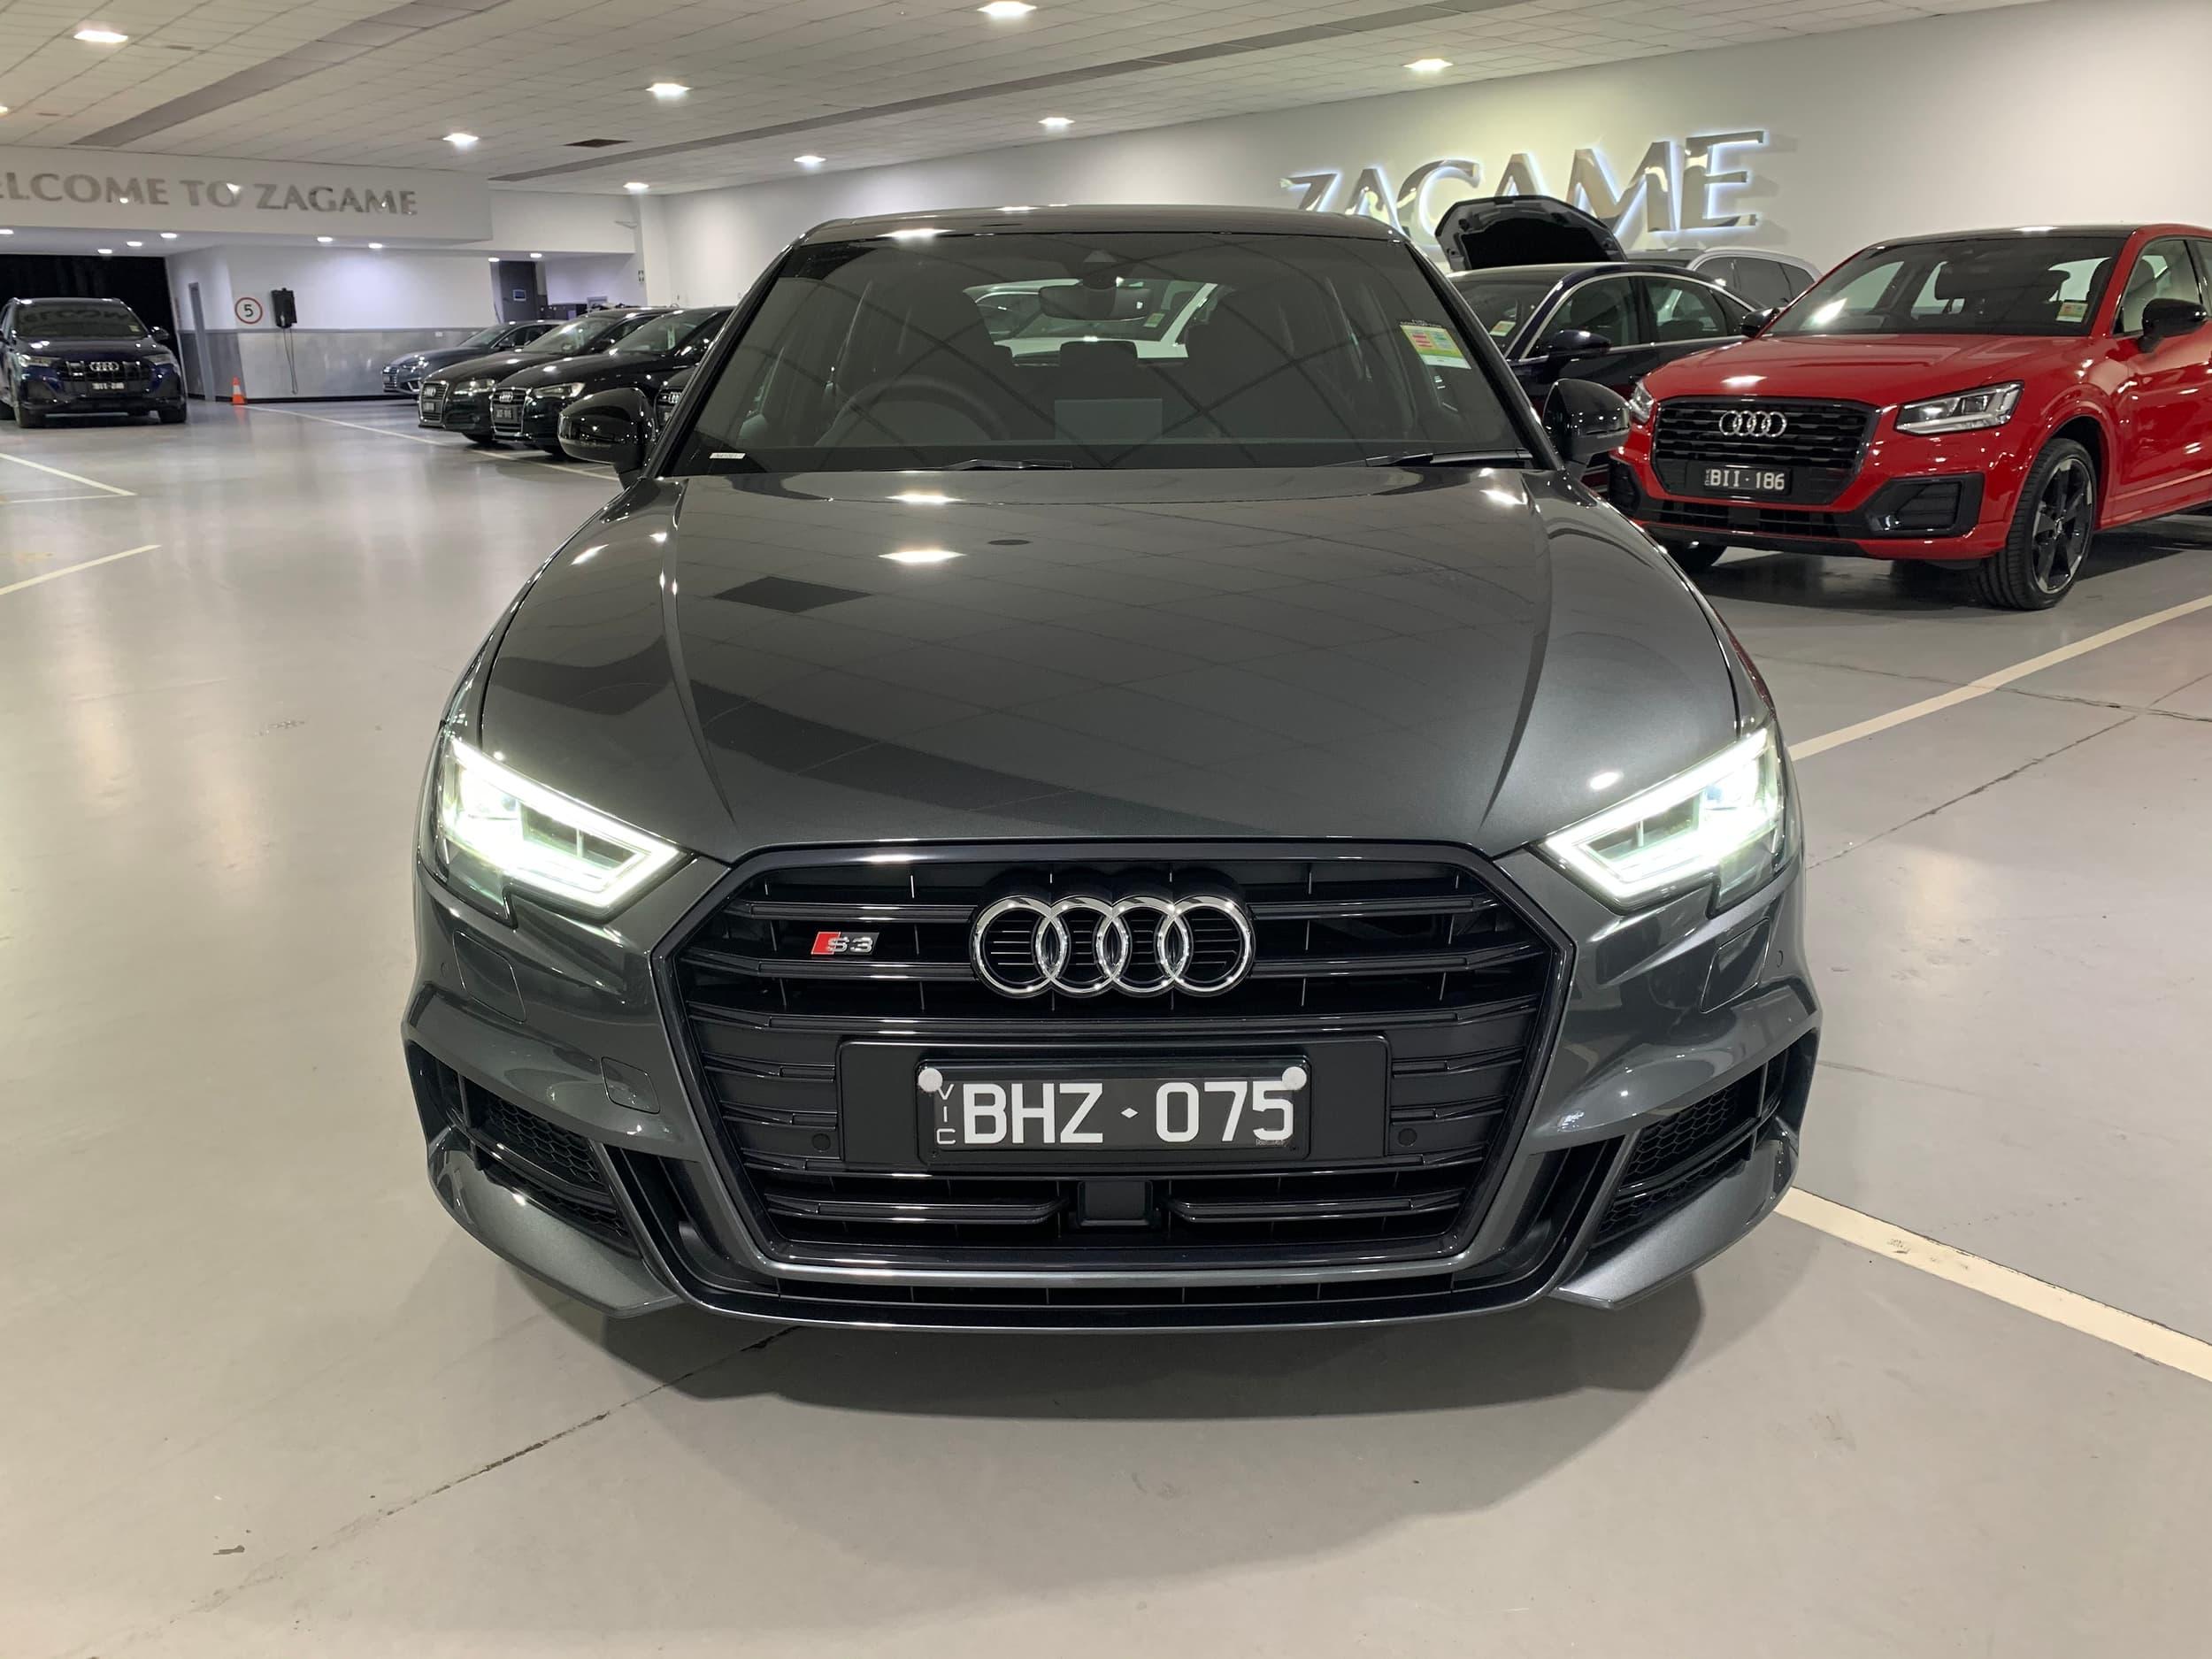 2019 Audi S3 Auto quattro MY20 - image 7